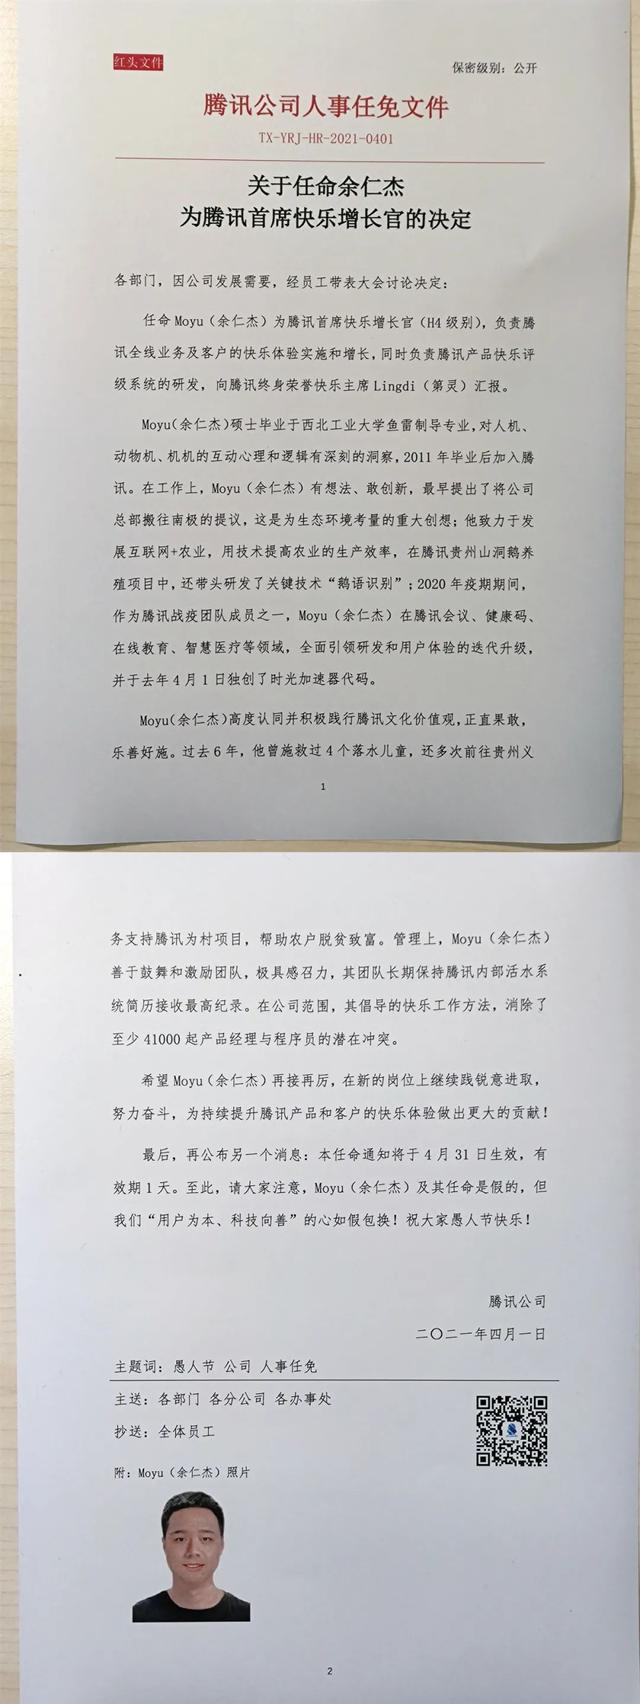 """""""圣诞节""""文章内容:任职余仁杰为腾讯官方顶尖开心提高官"""